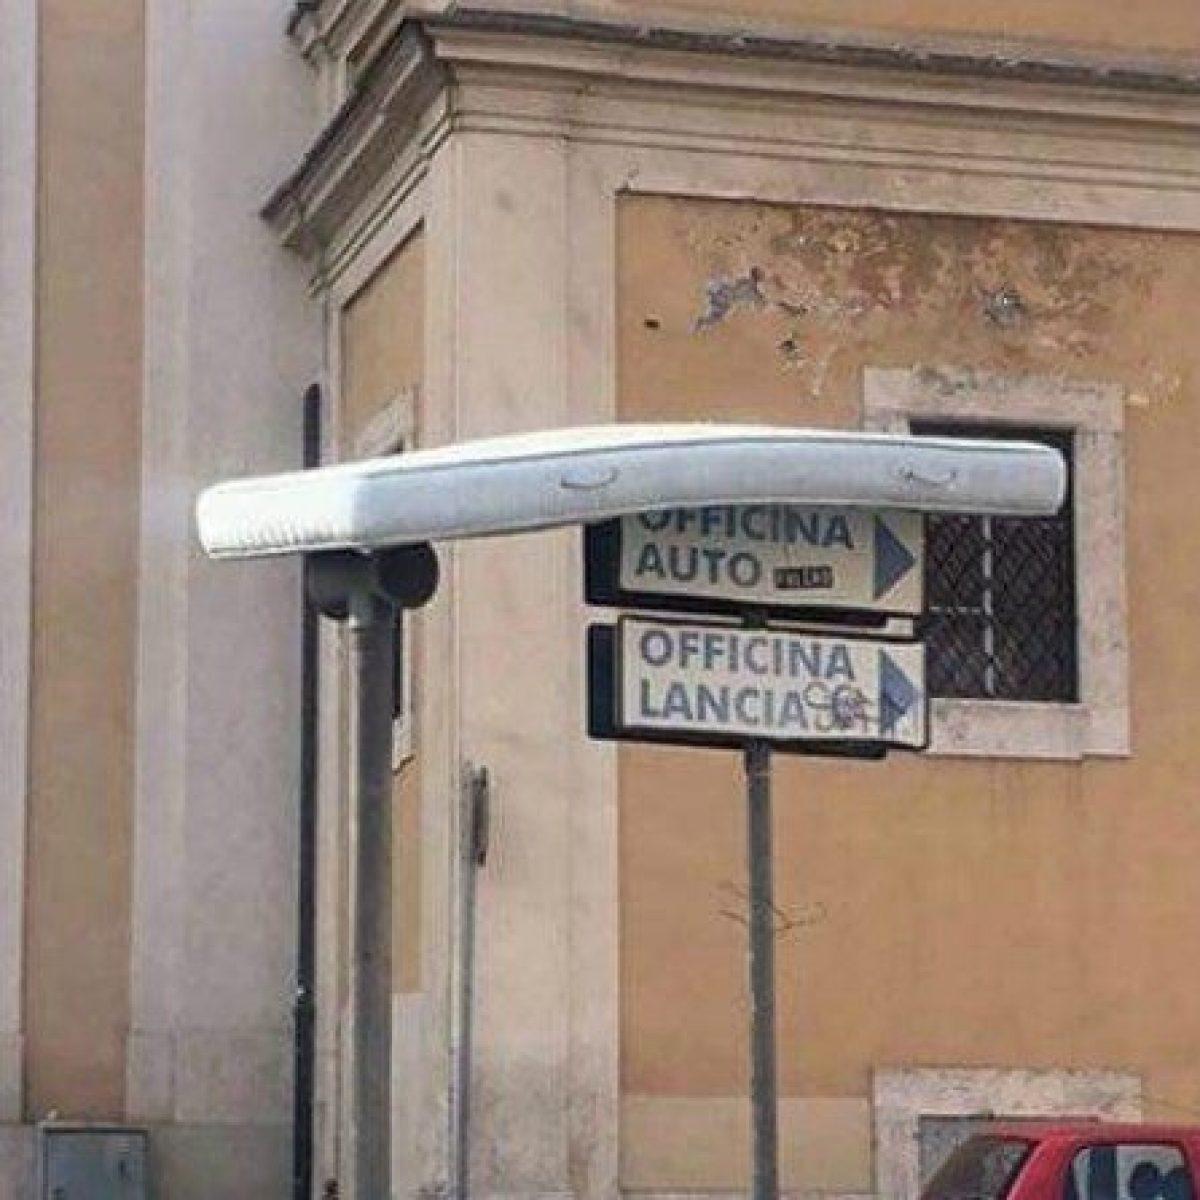 Il Giaciglio Materassi Roma.Rifiuti A Roma Spunta Un Materasso Volante Sospeso Su Due Pali